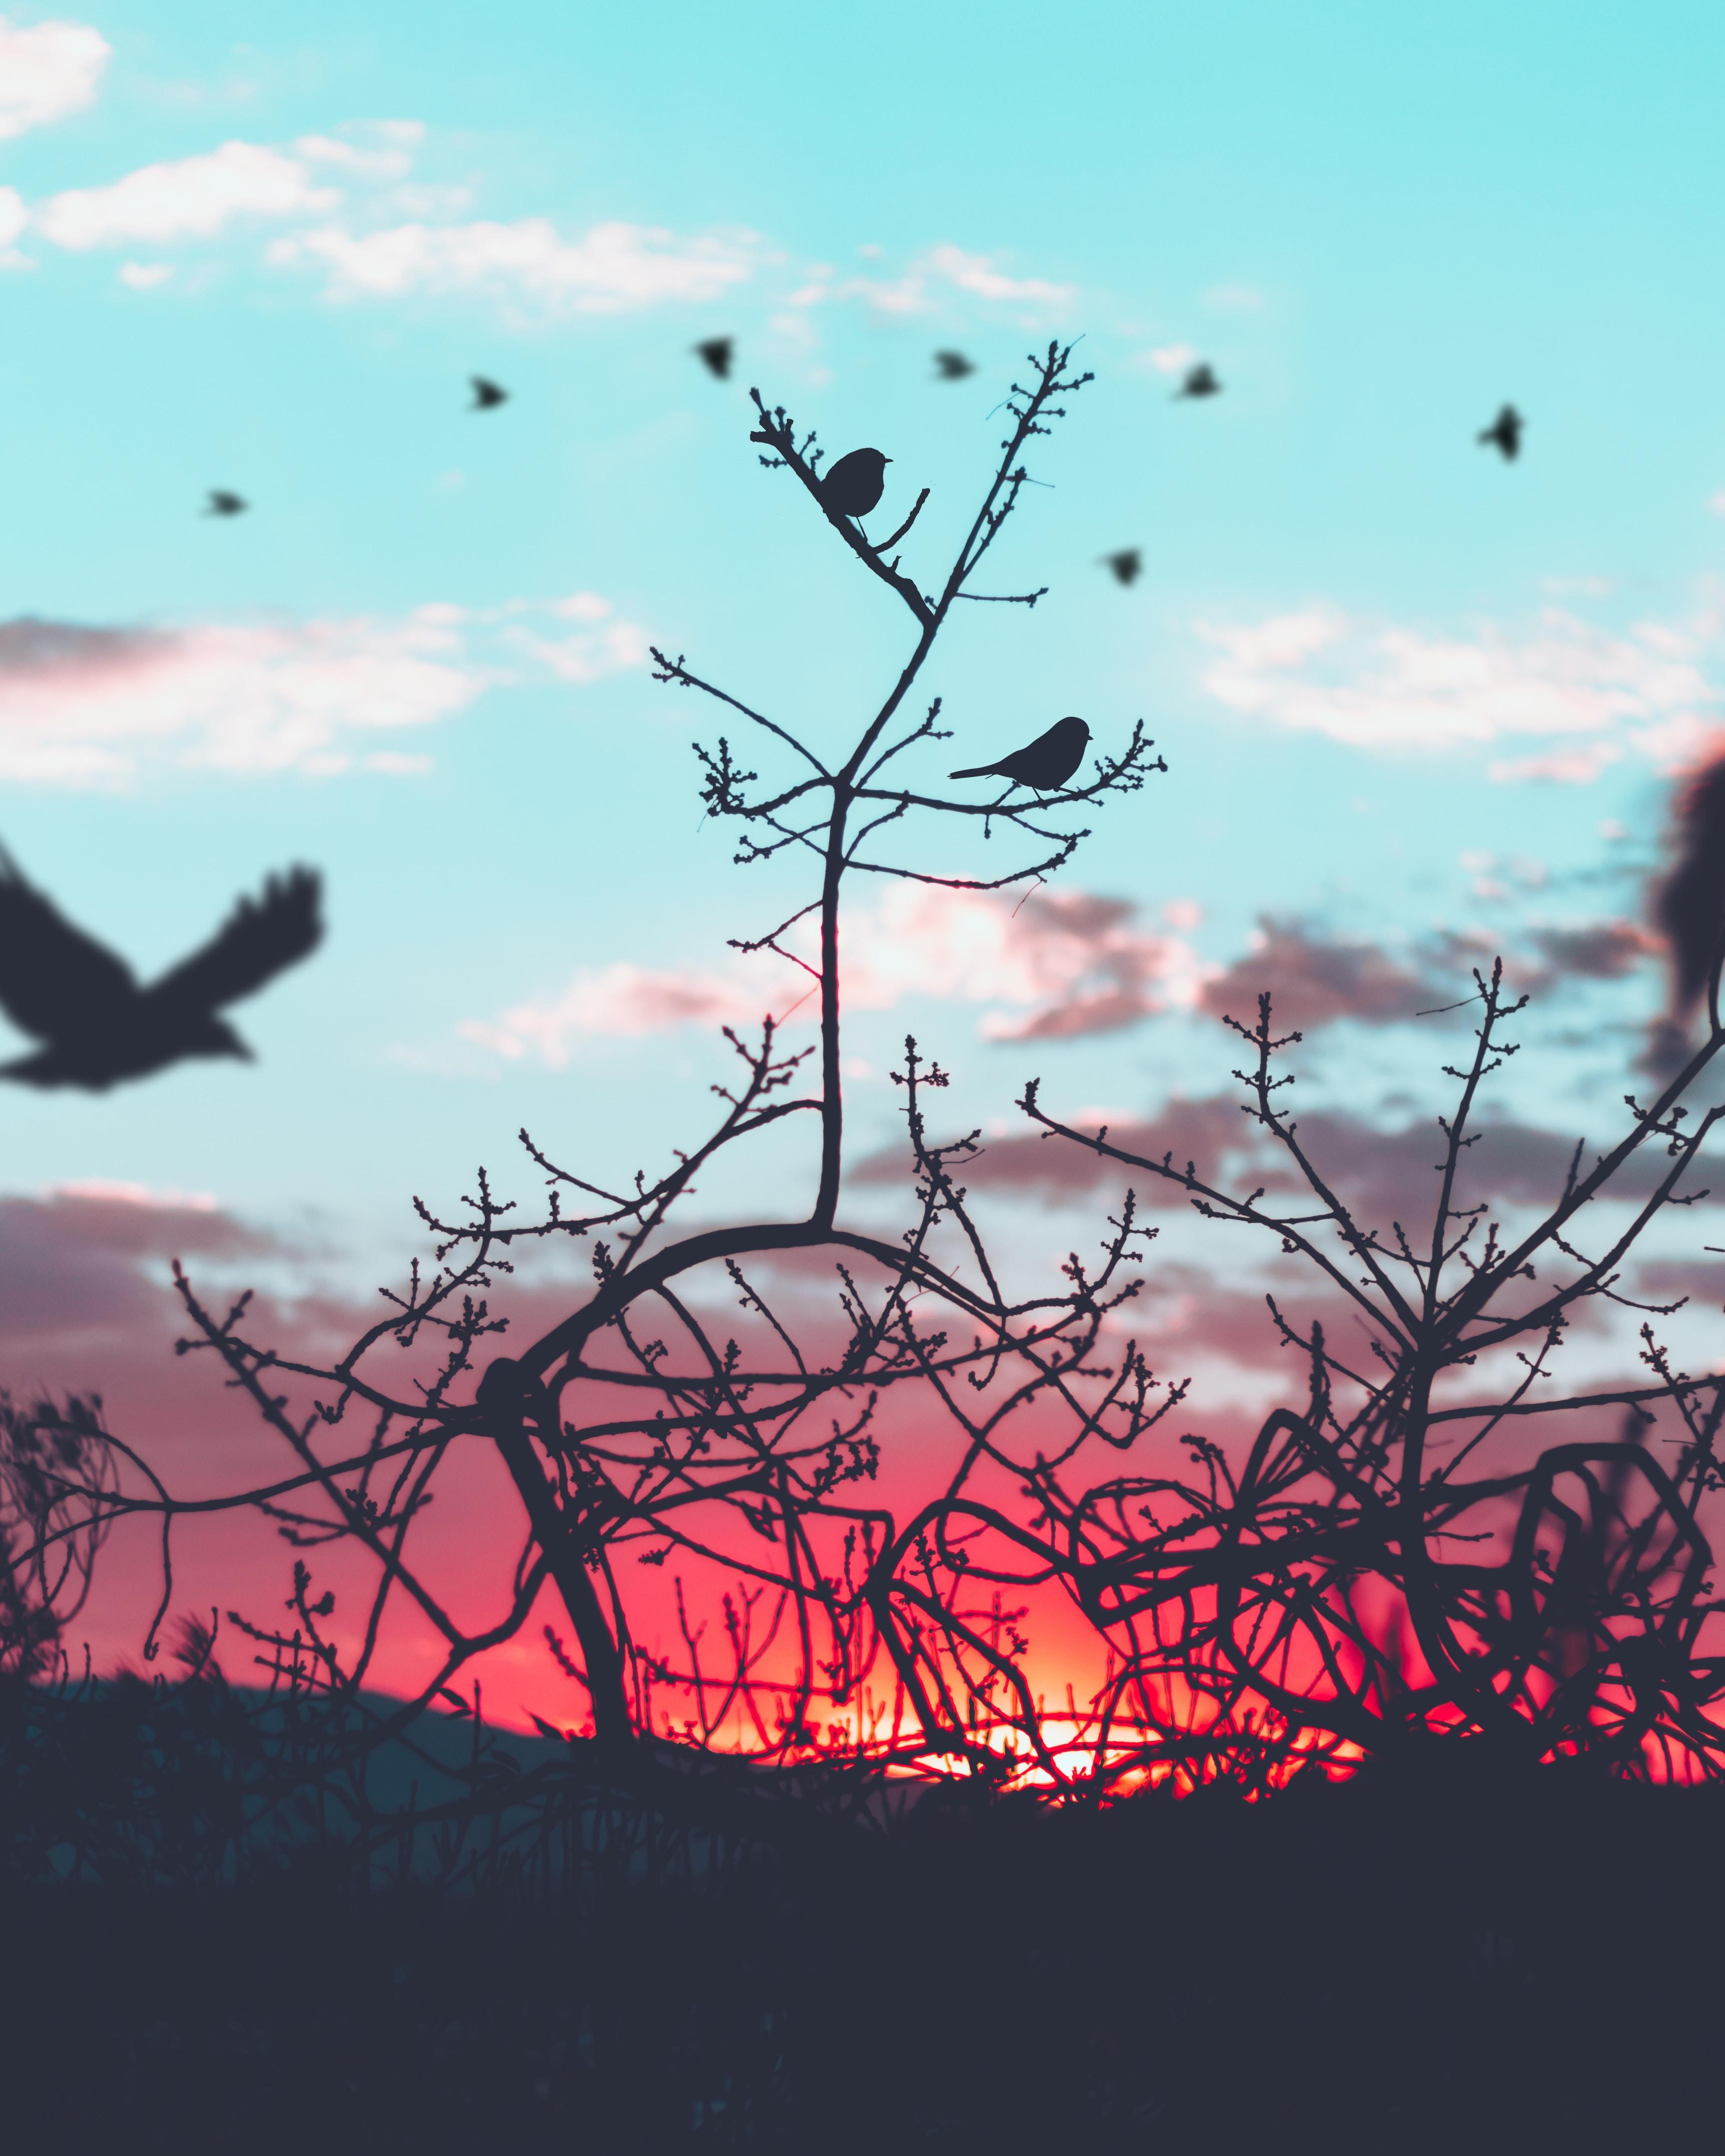 66993 скачать обои Ветки, Природа, Птицы, Небо, Силуэт - заставки и картинки бесплатно